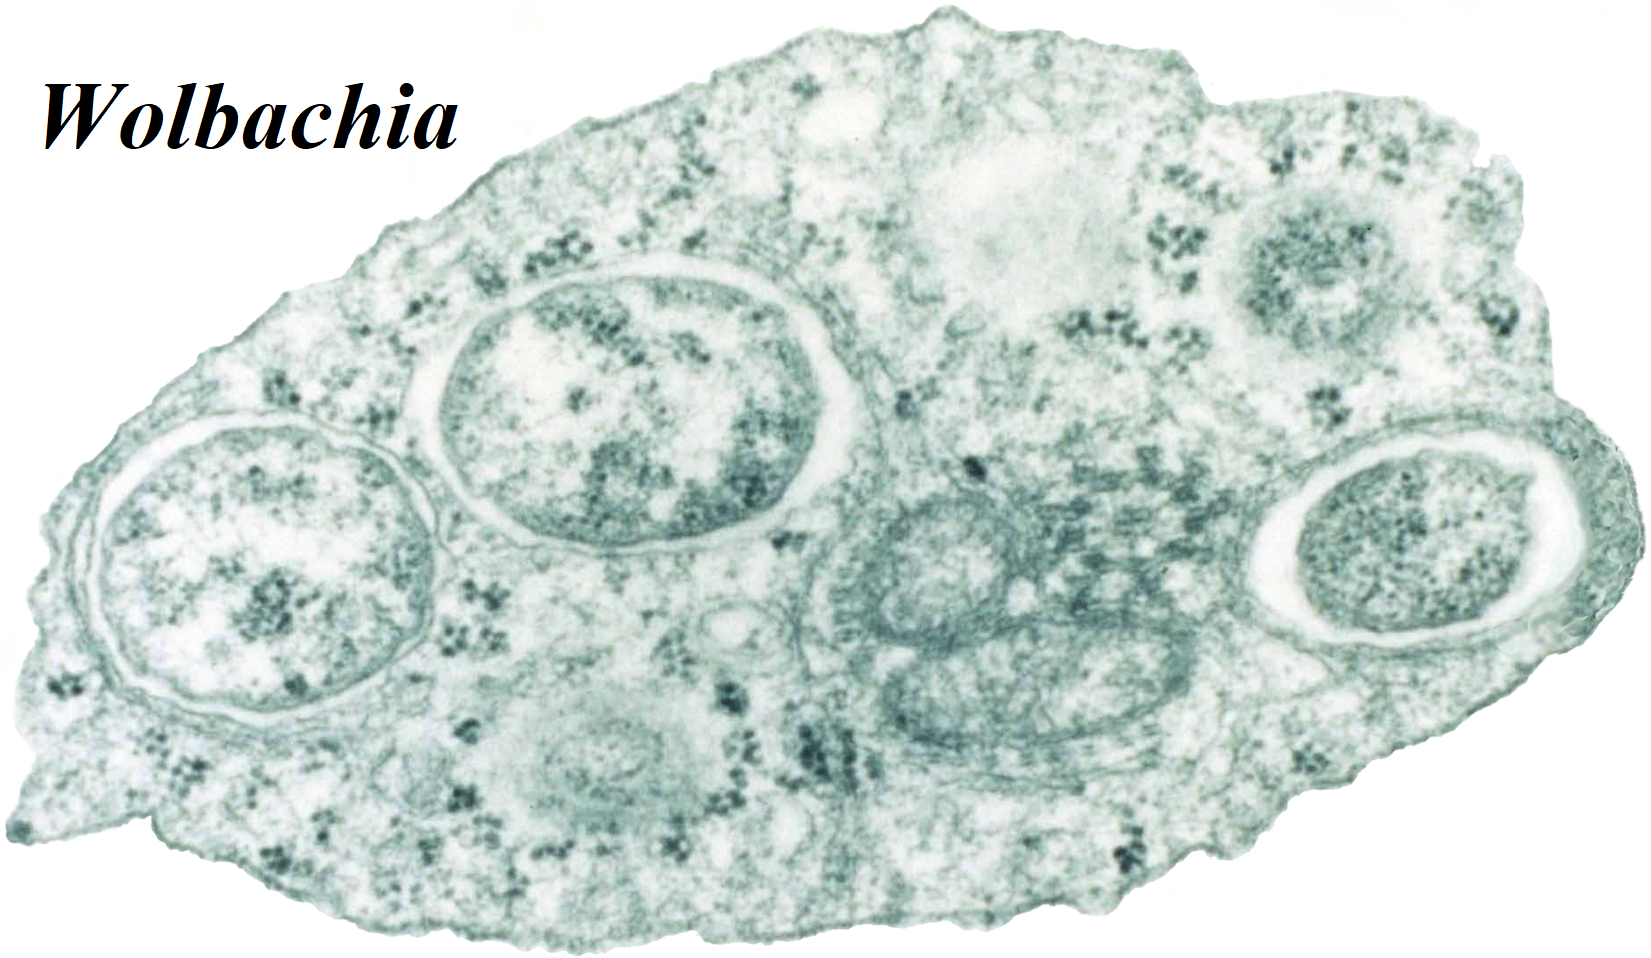 Baktéria, ktorá mení pohlavie bezstavovcov